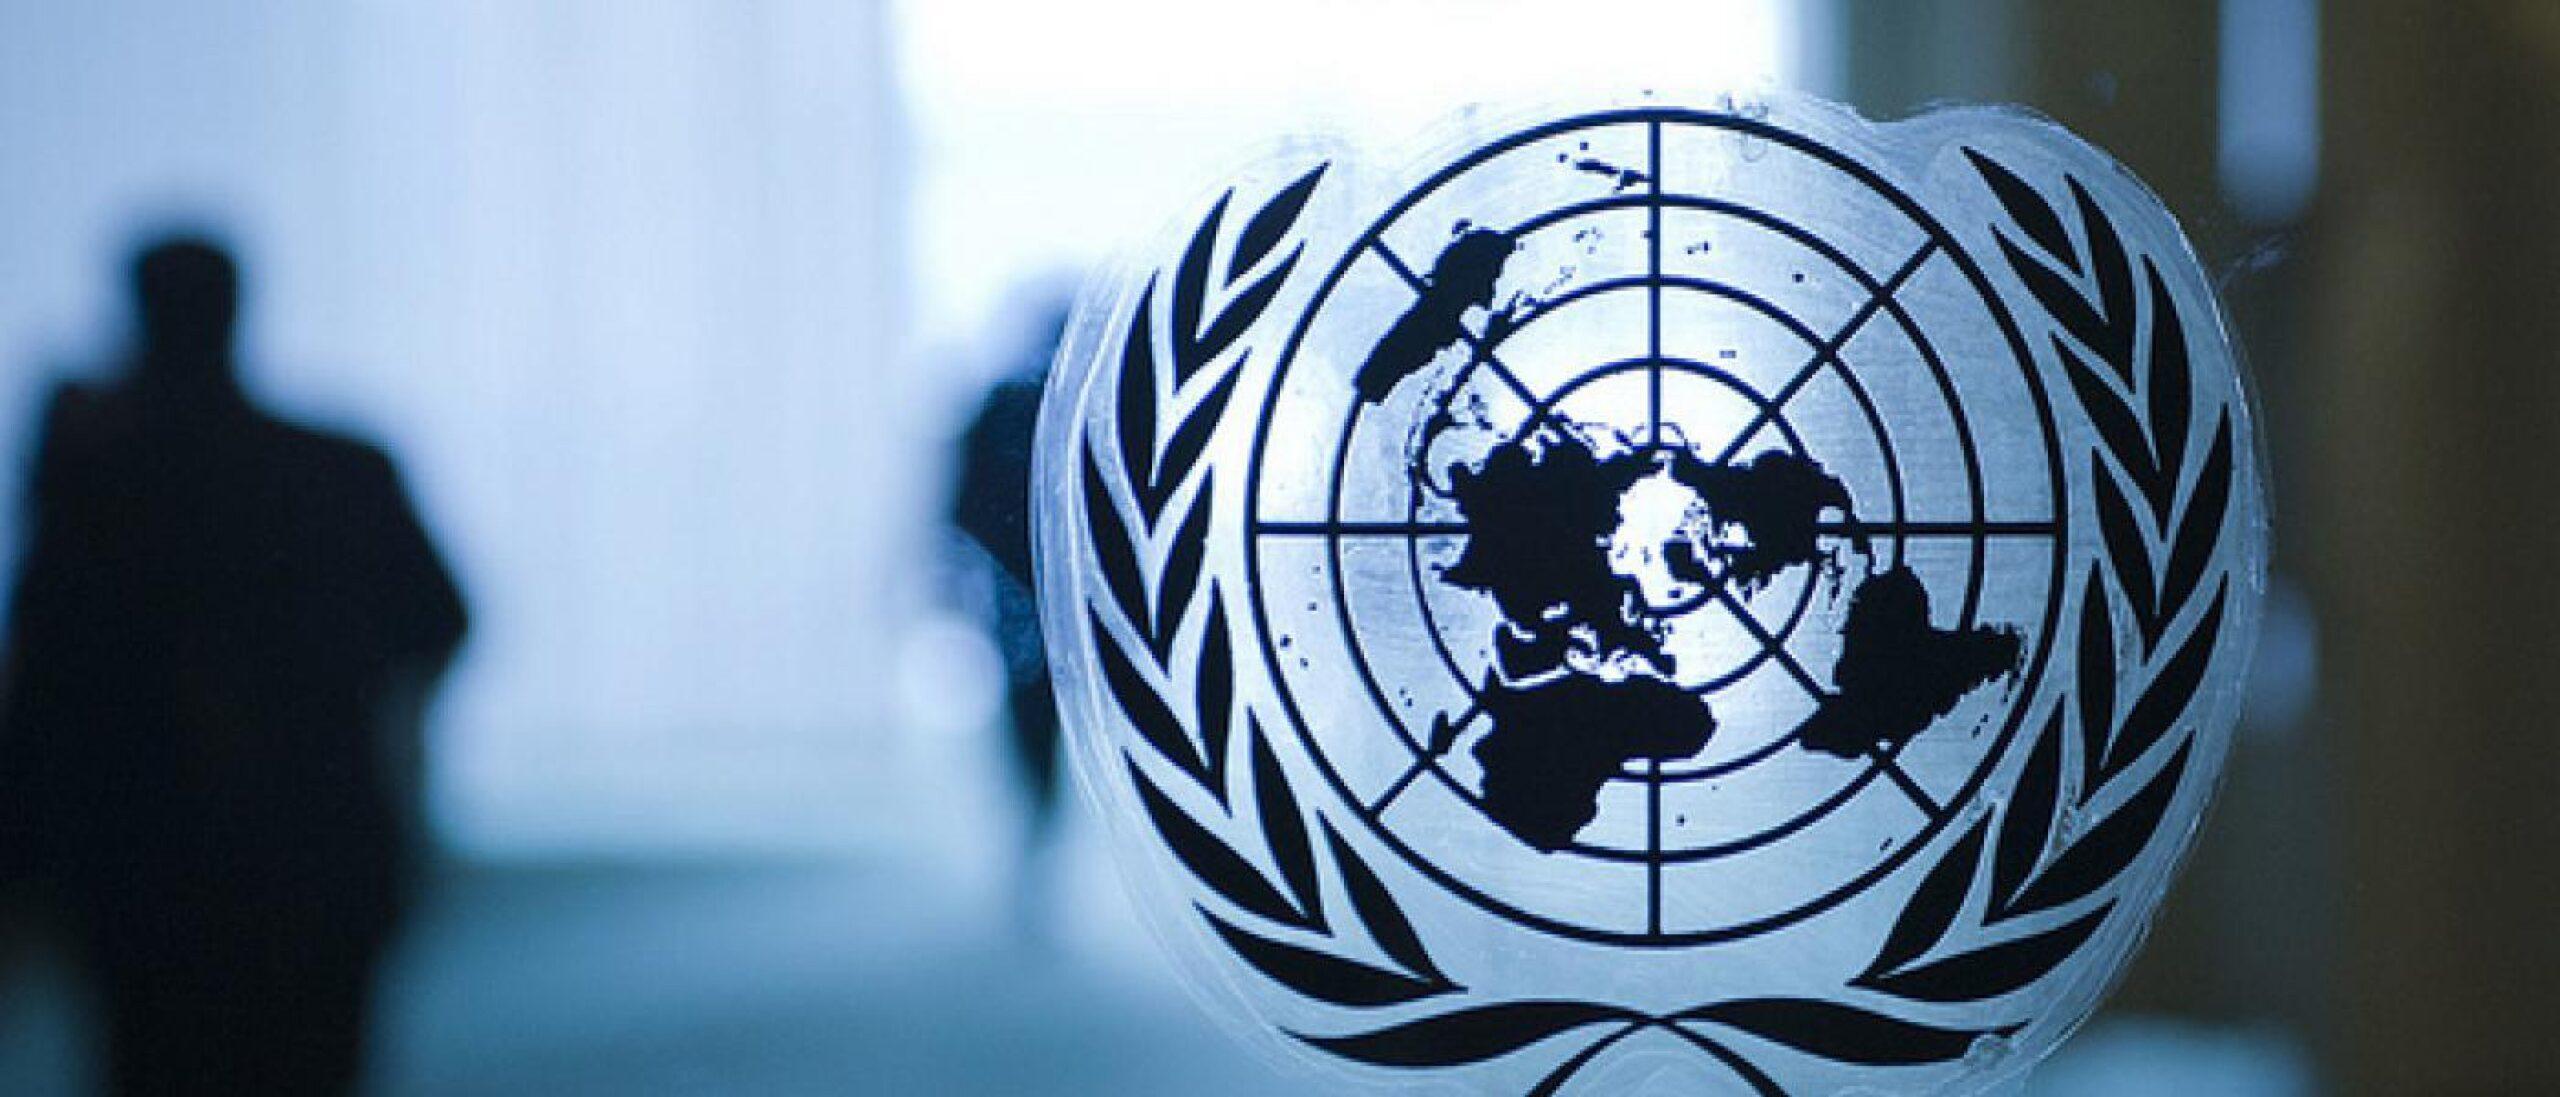 ASI - Telespazio ed e-Geos scelte dall'Onu per la lotta al Covid-19